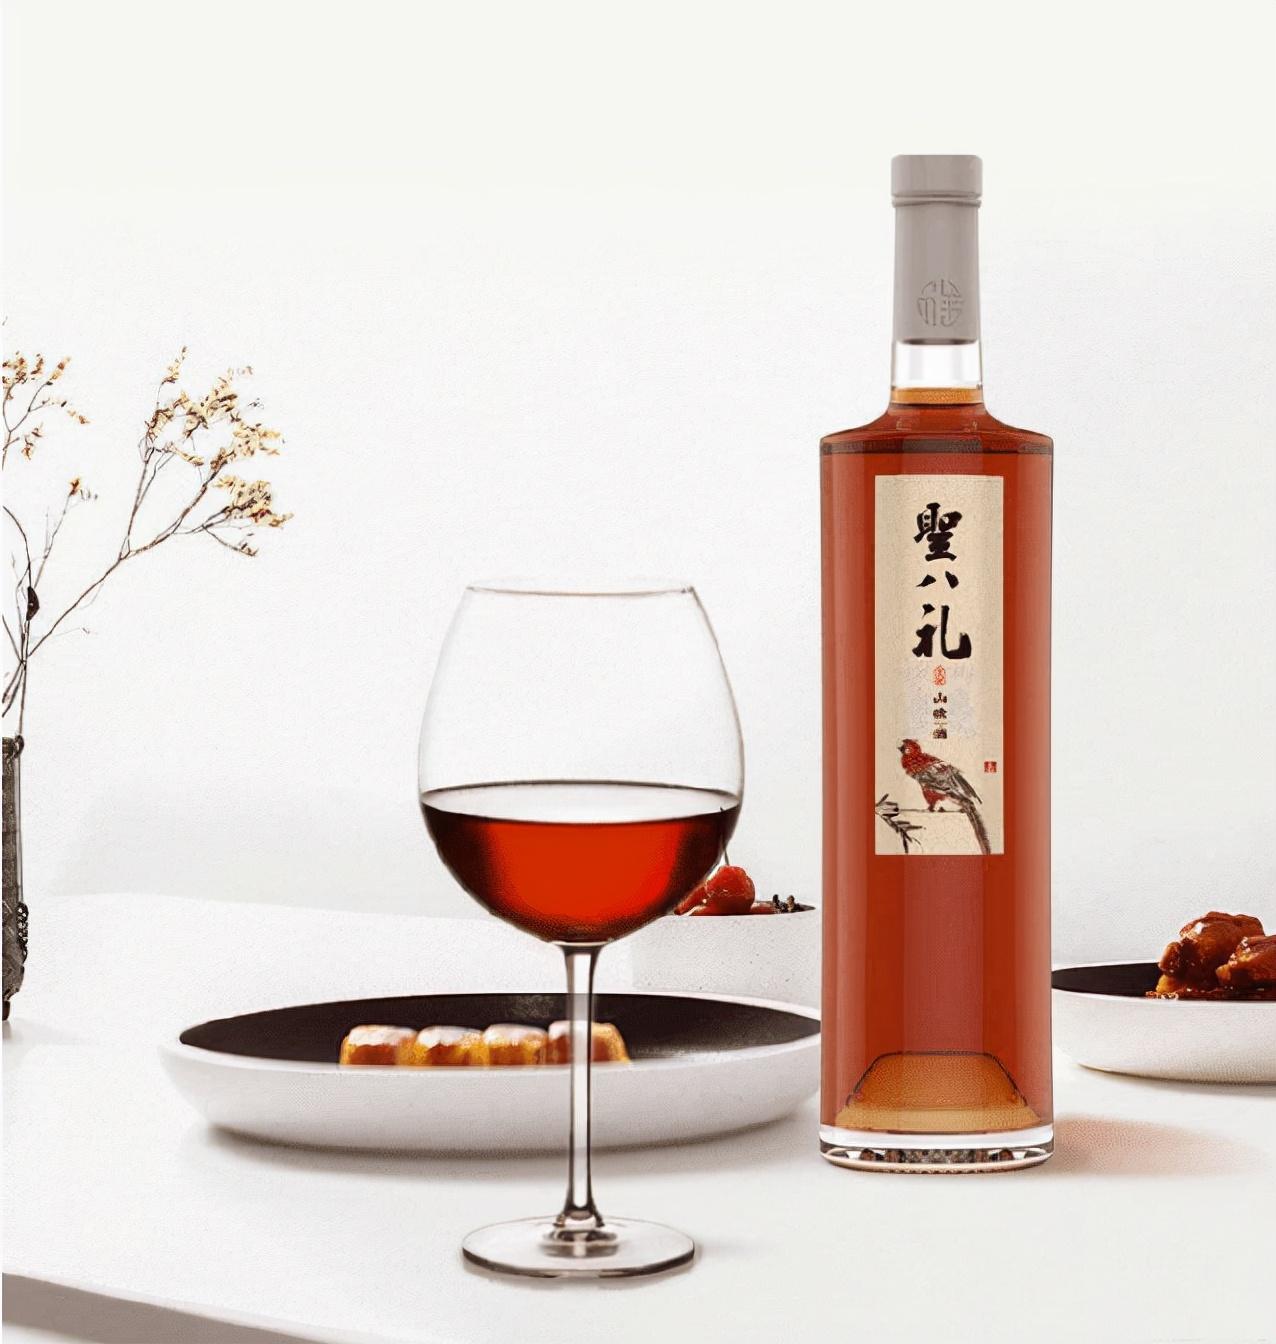 圣八礼:健康的饮品,美味的果酒